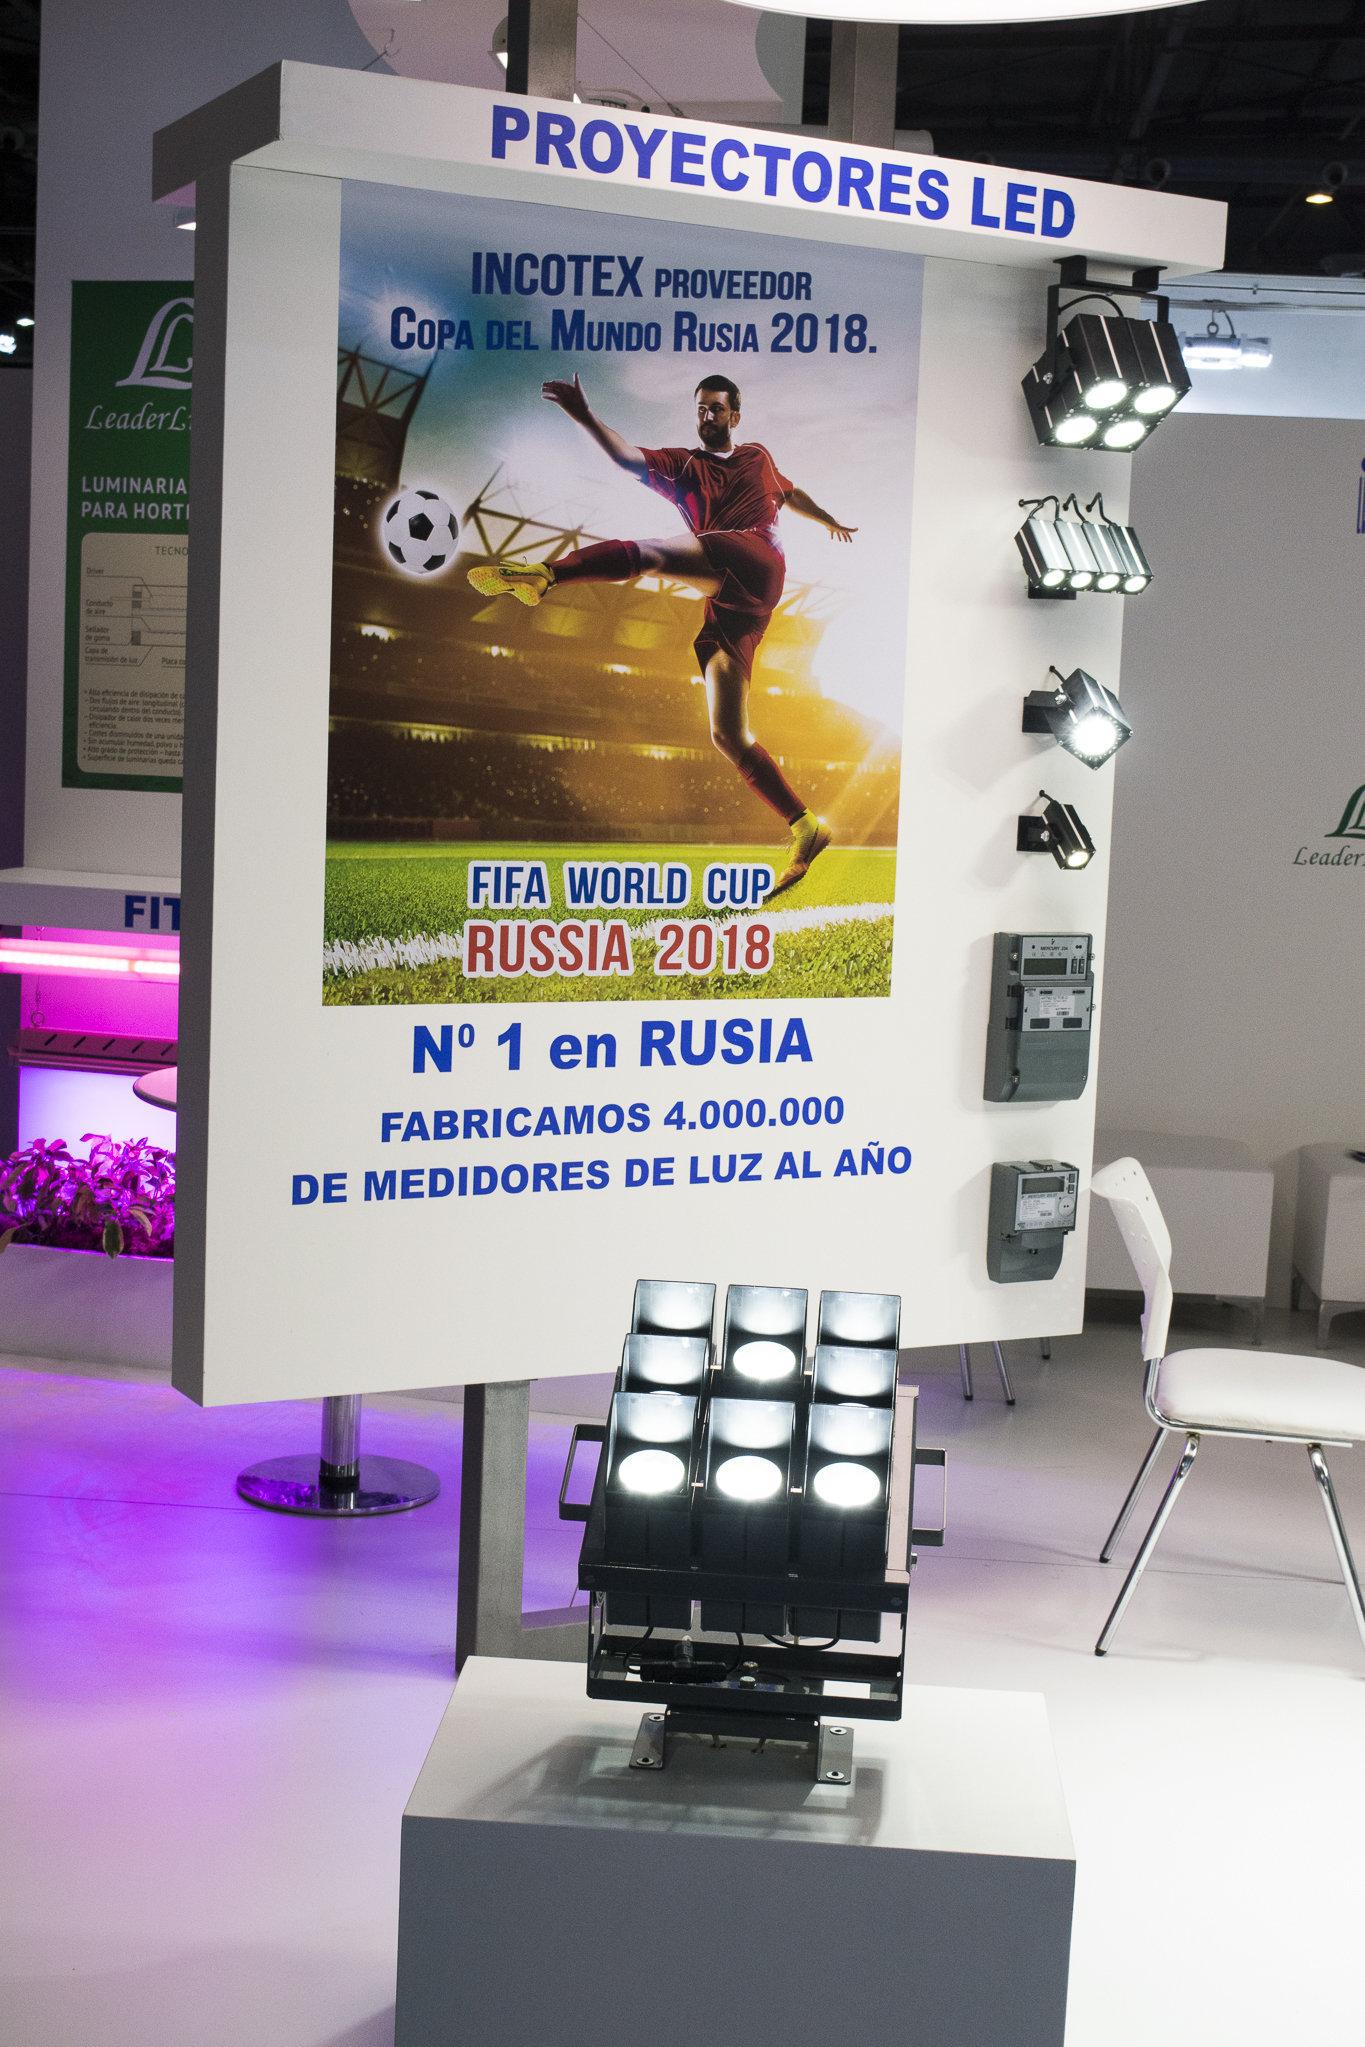 La empresa Incotex, proveedora de los estadios de Rusia 2018, exhibe sus productos en Argentina